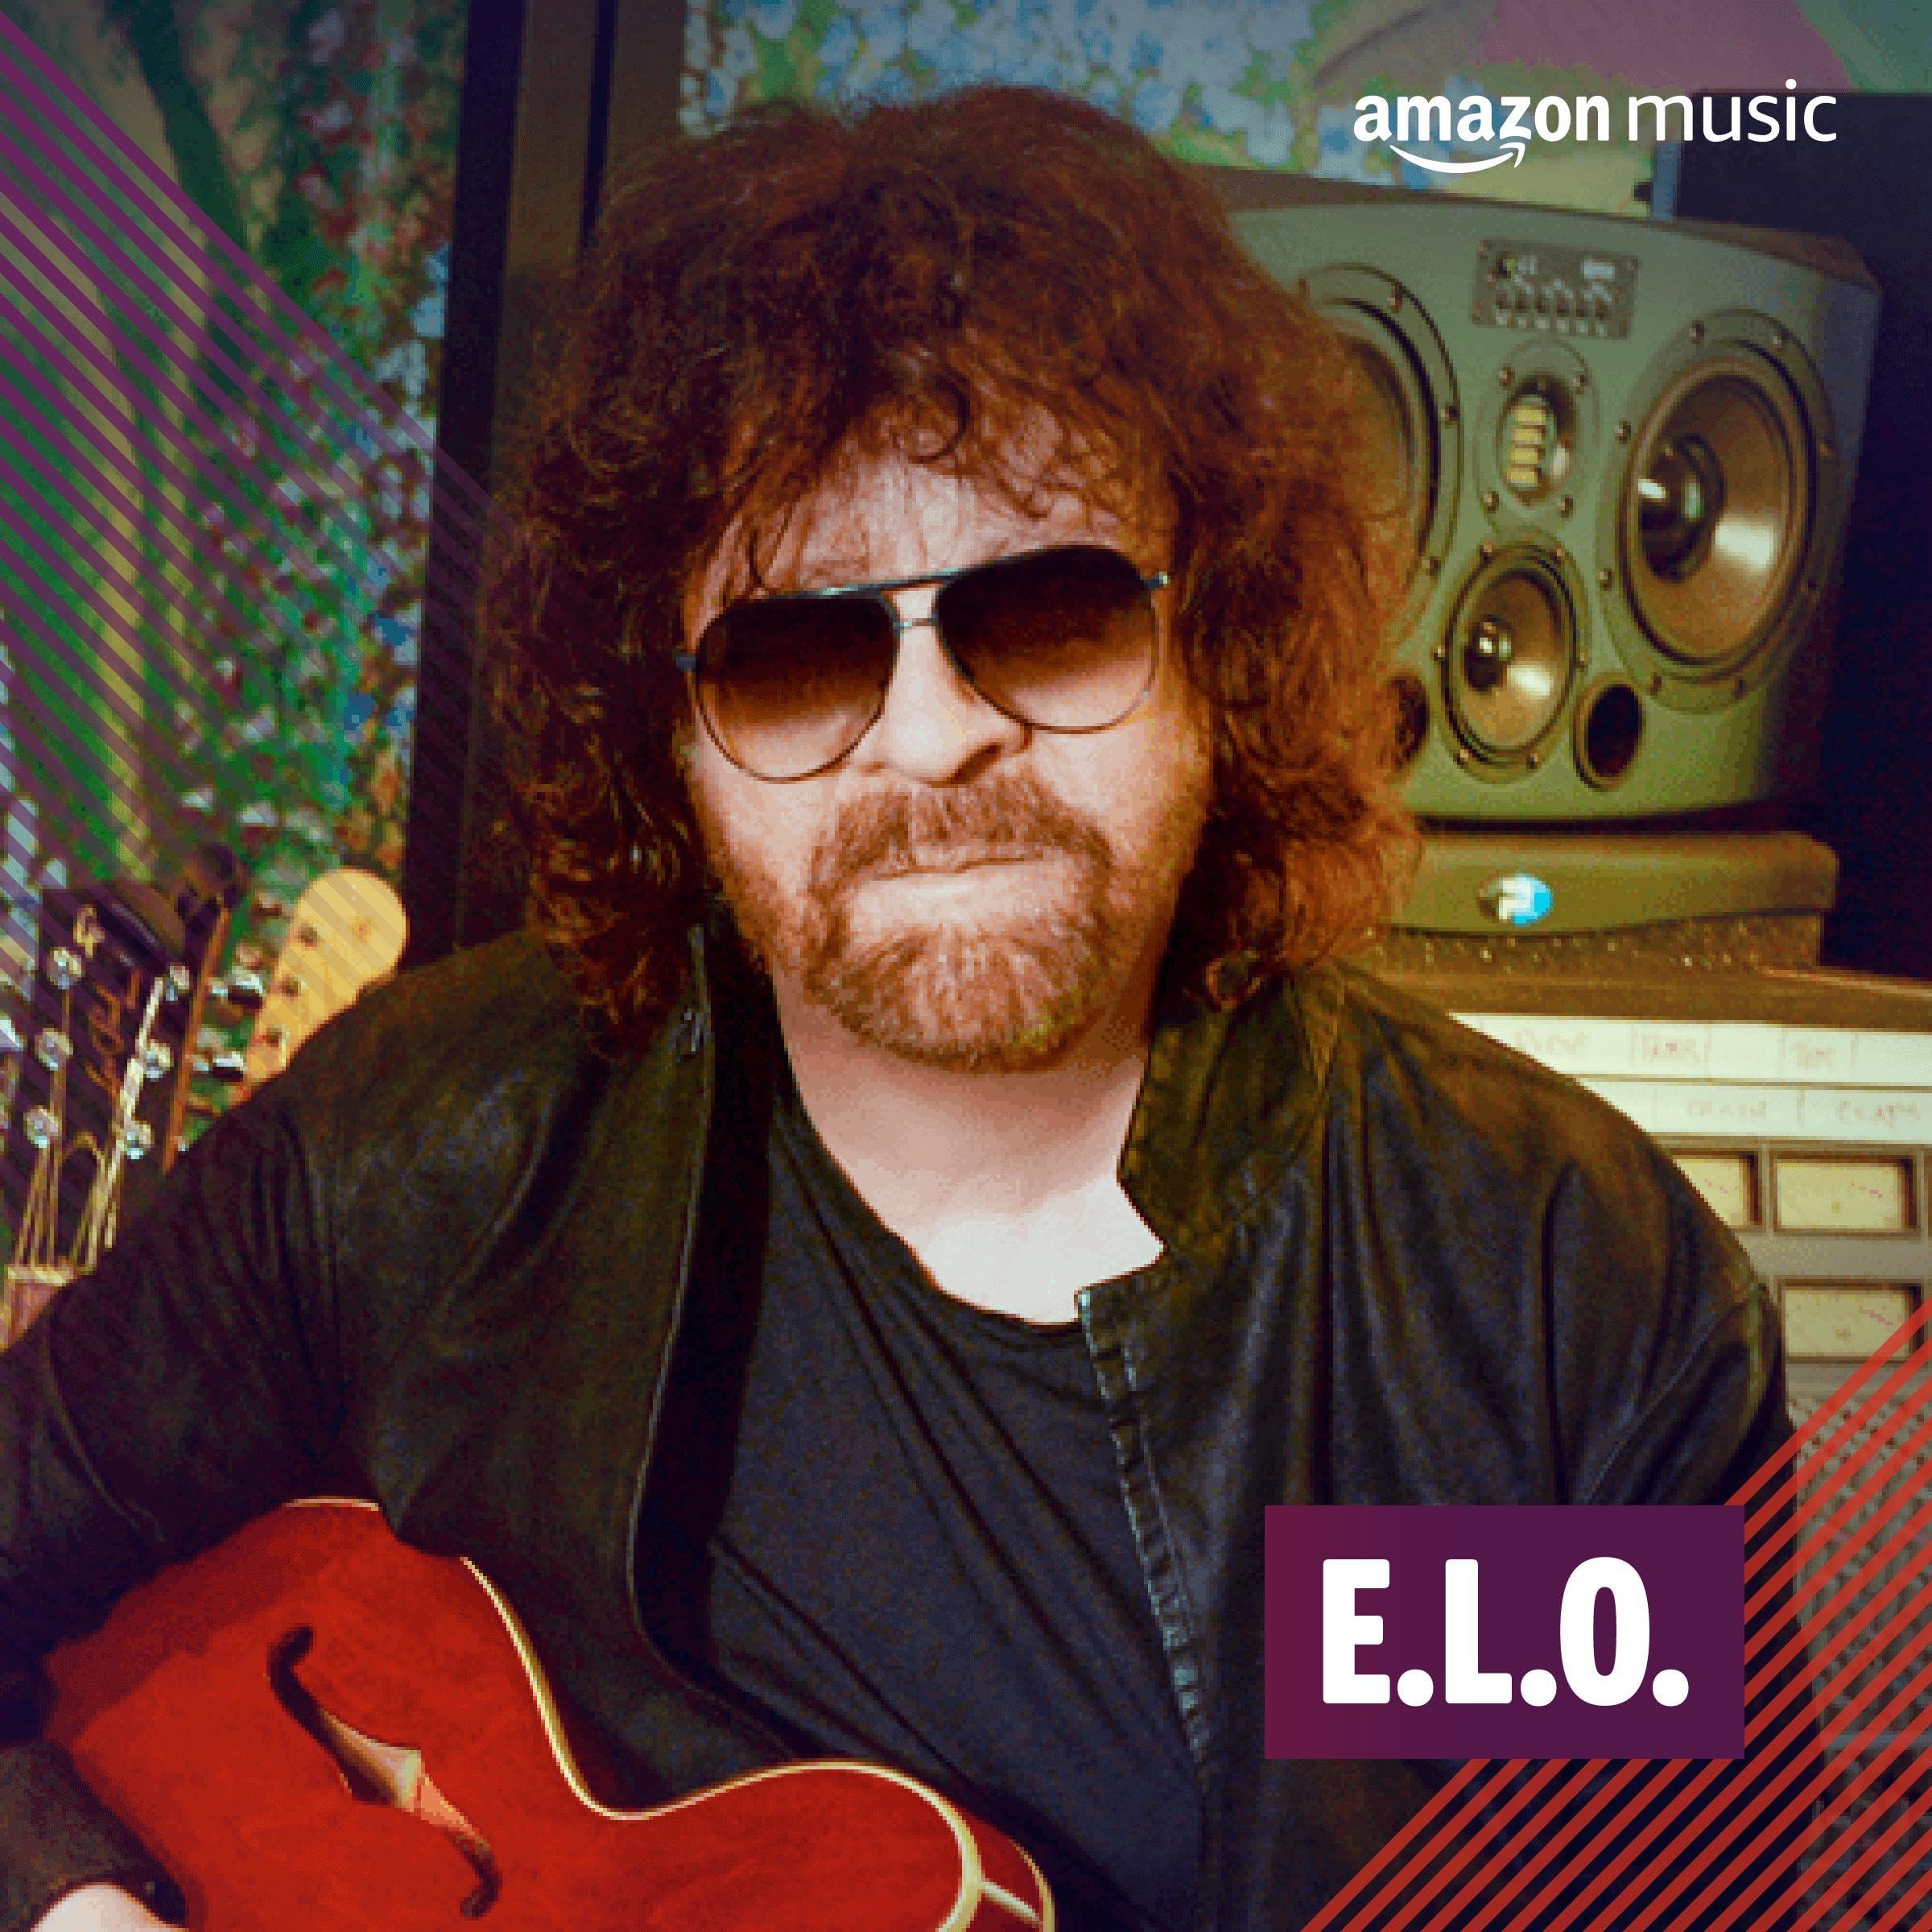 E.L.O.